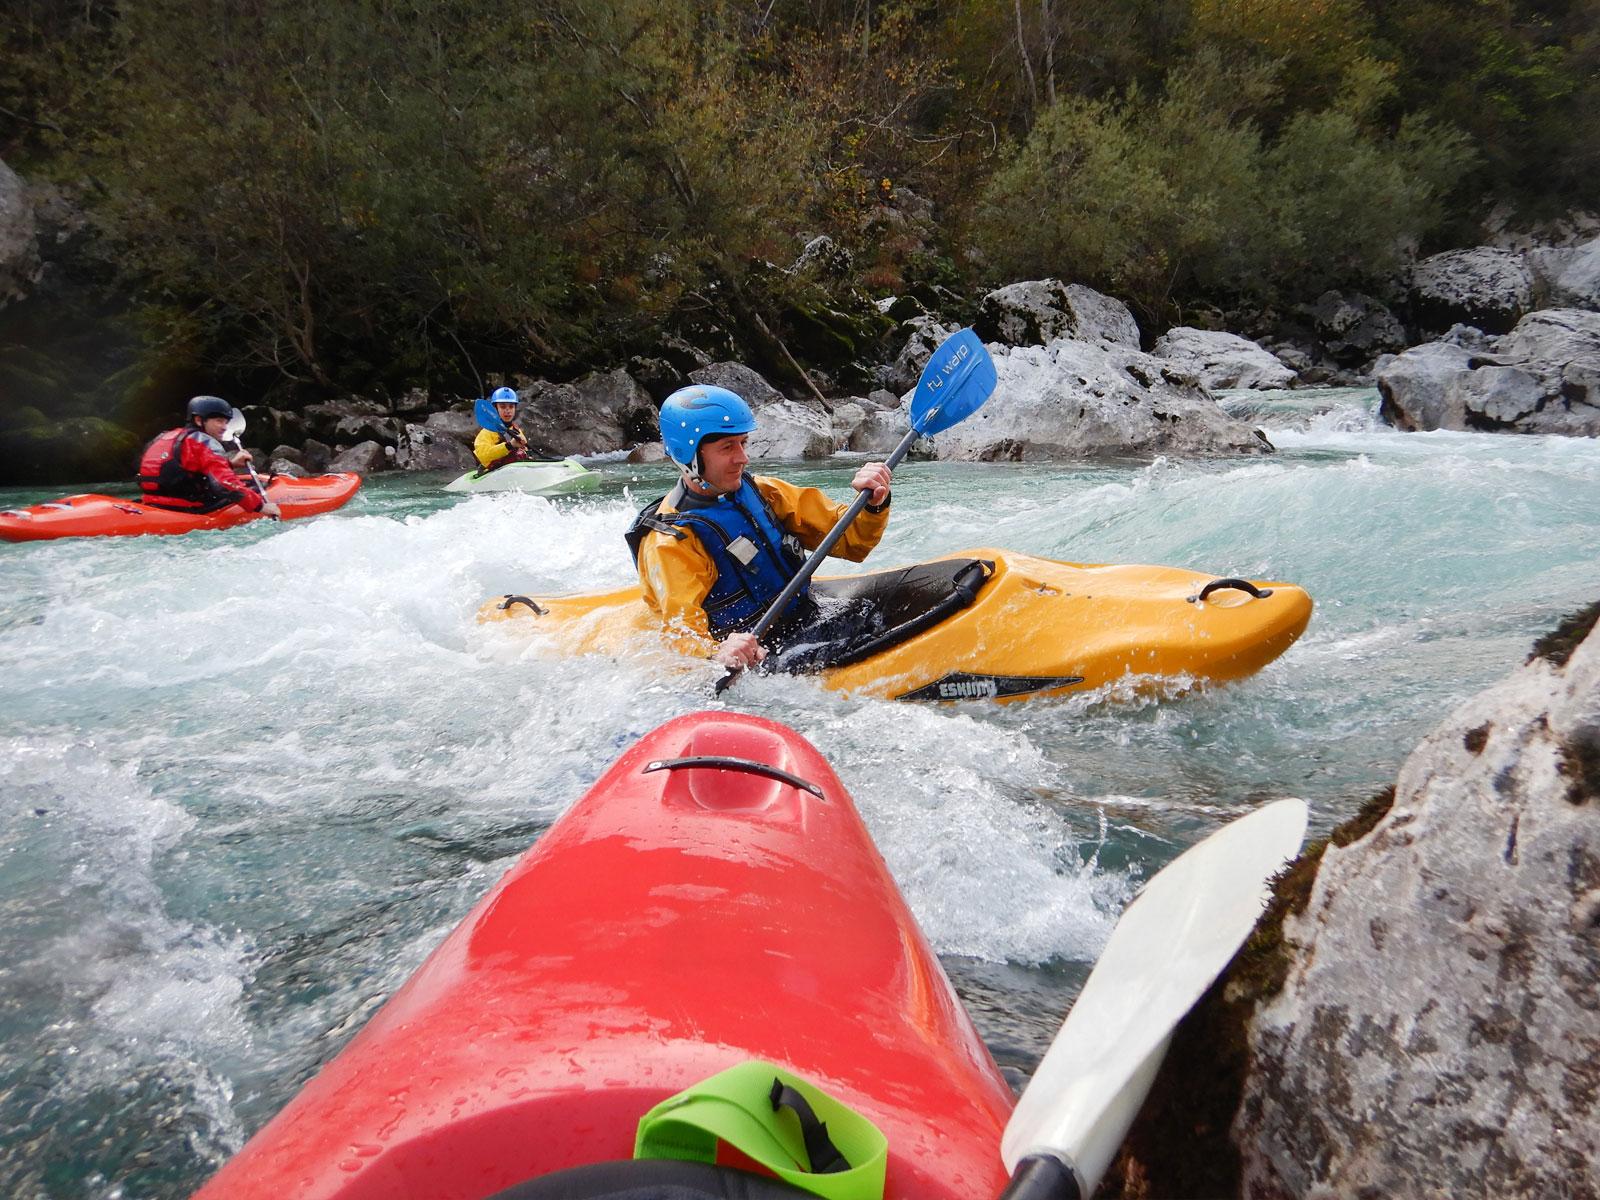 Wildwaterkajakken tijdens de herfstvakantie op de prachtige Soca rivier in Slovenië.